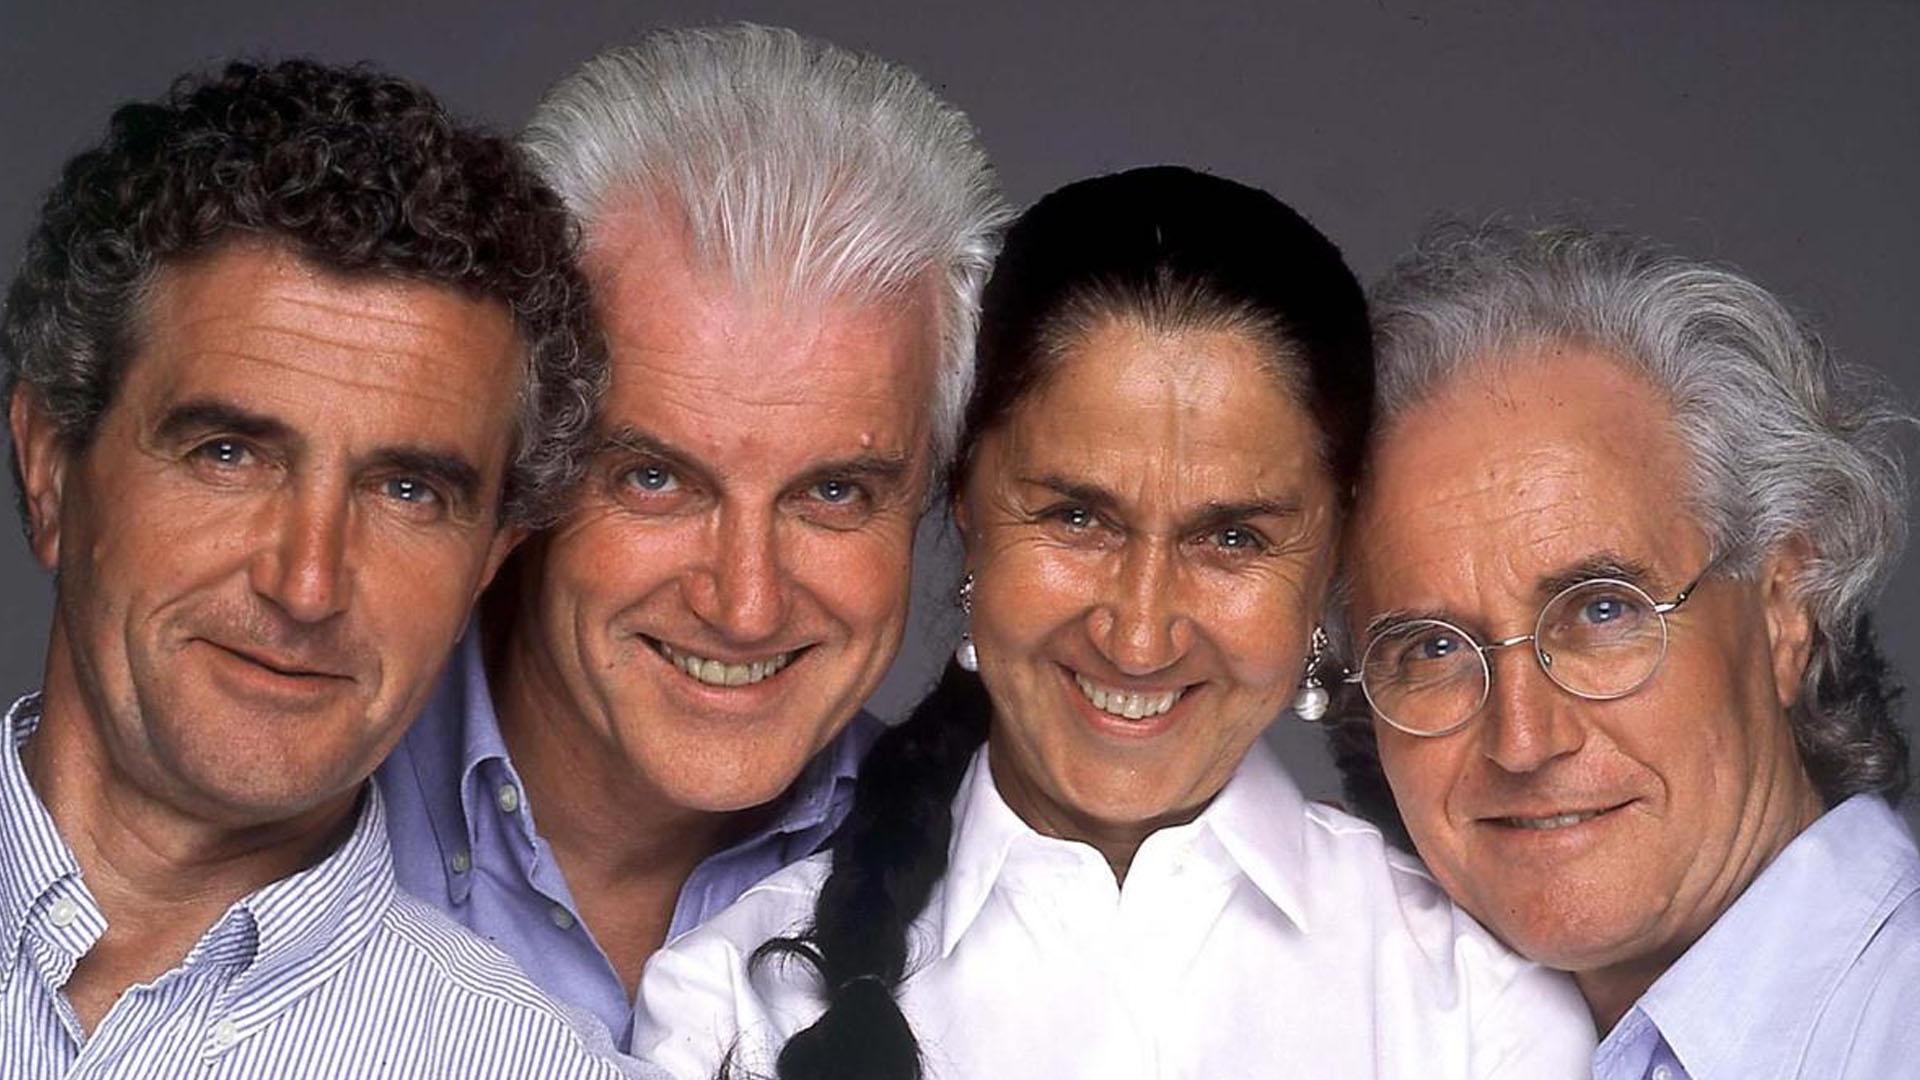 Carlo Benetton, uno de los cuatro hermanos fundadores de Benetton falleció el 10 de julio a los 74 años. A su lado sus hermanos Gilberto, Giuliana y Luciano (Gentileza: Benetton Group)